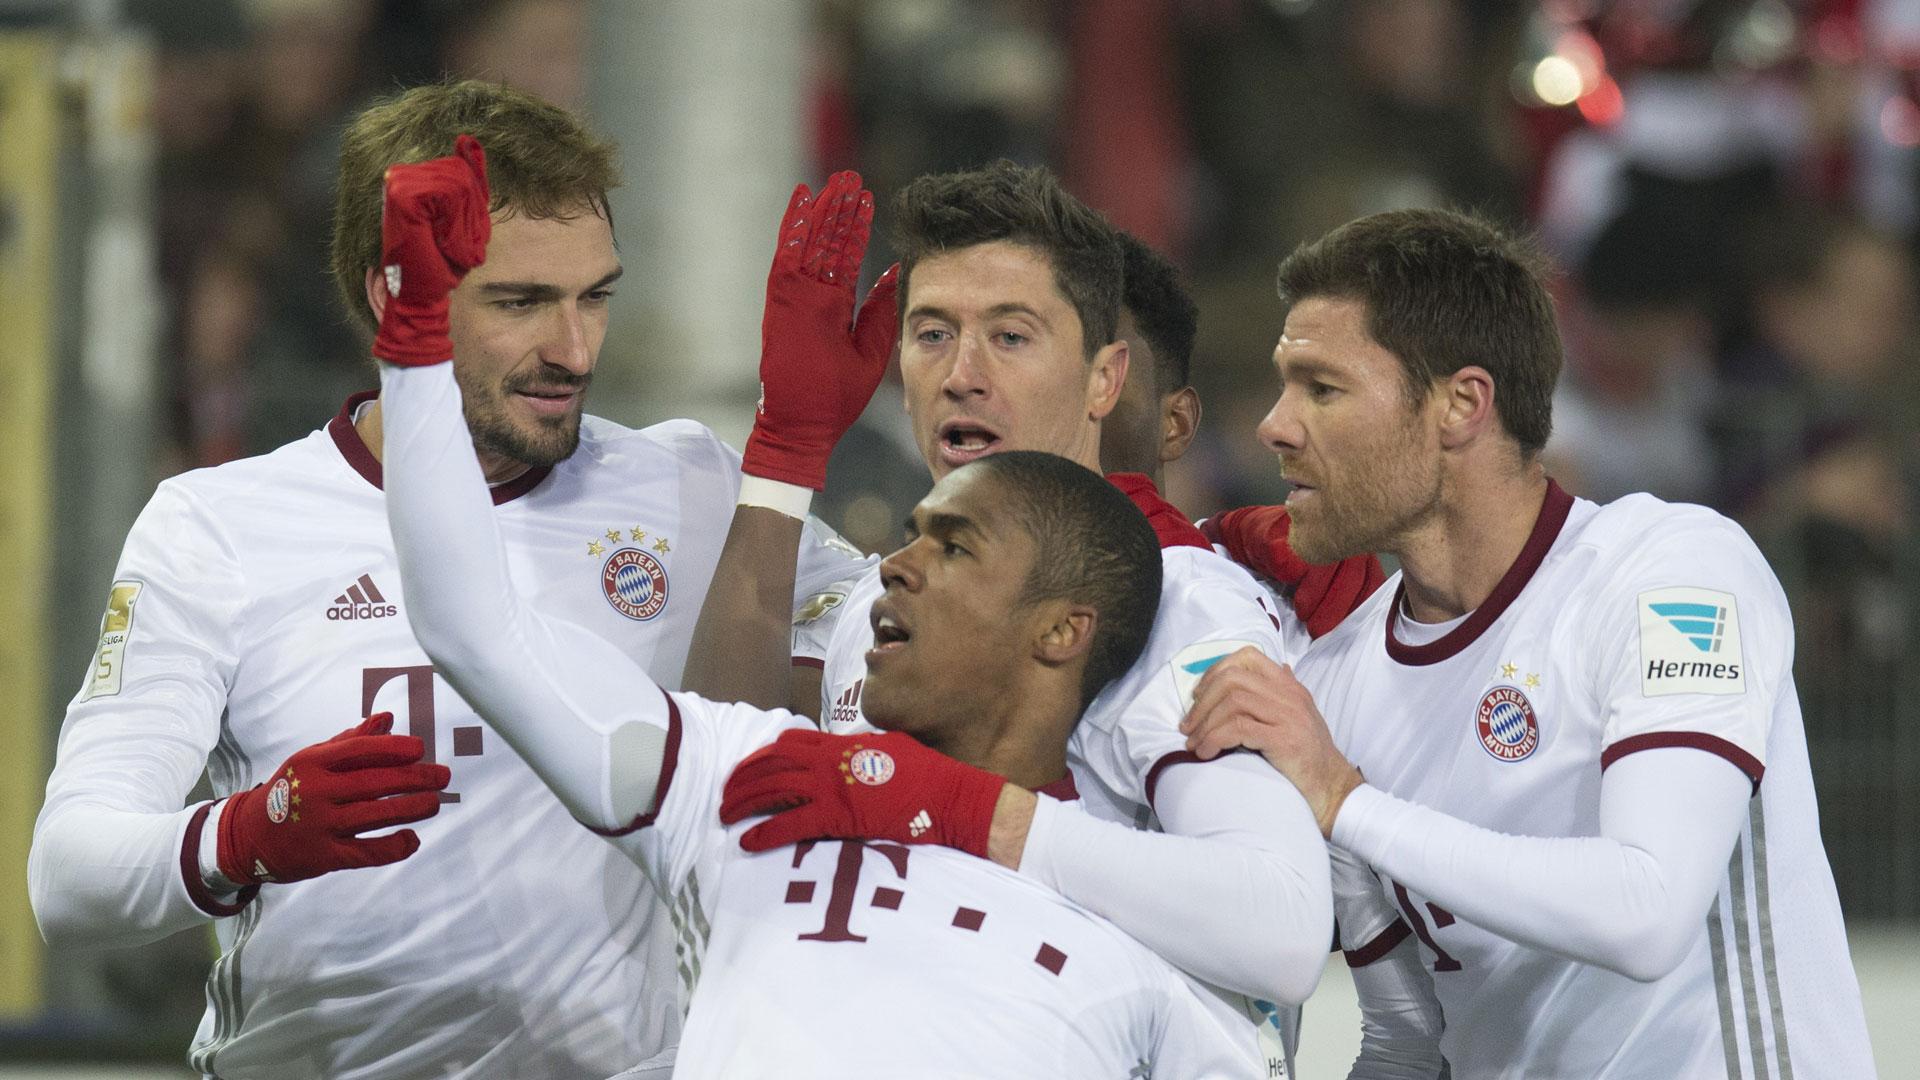 Bayern de Munique cumpre promessa e presenteia Ingolstadt com 'salsichas'